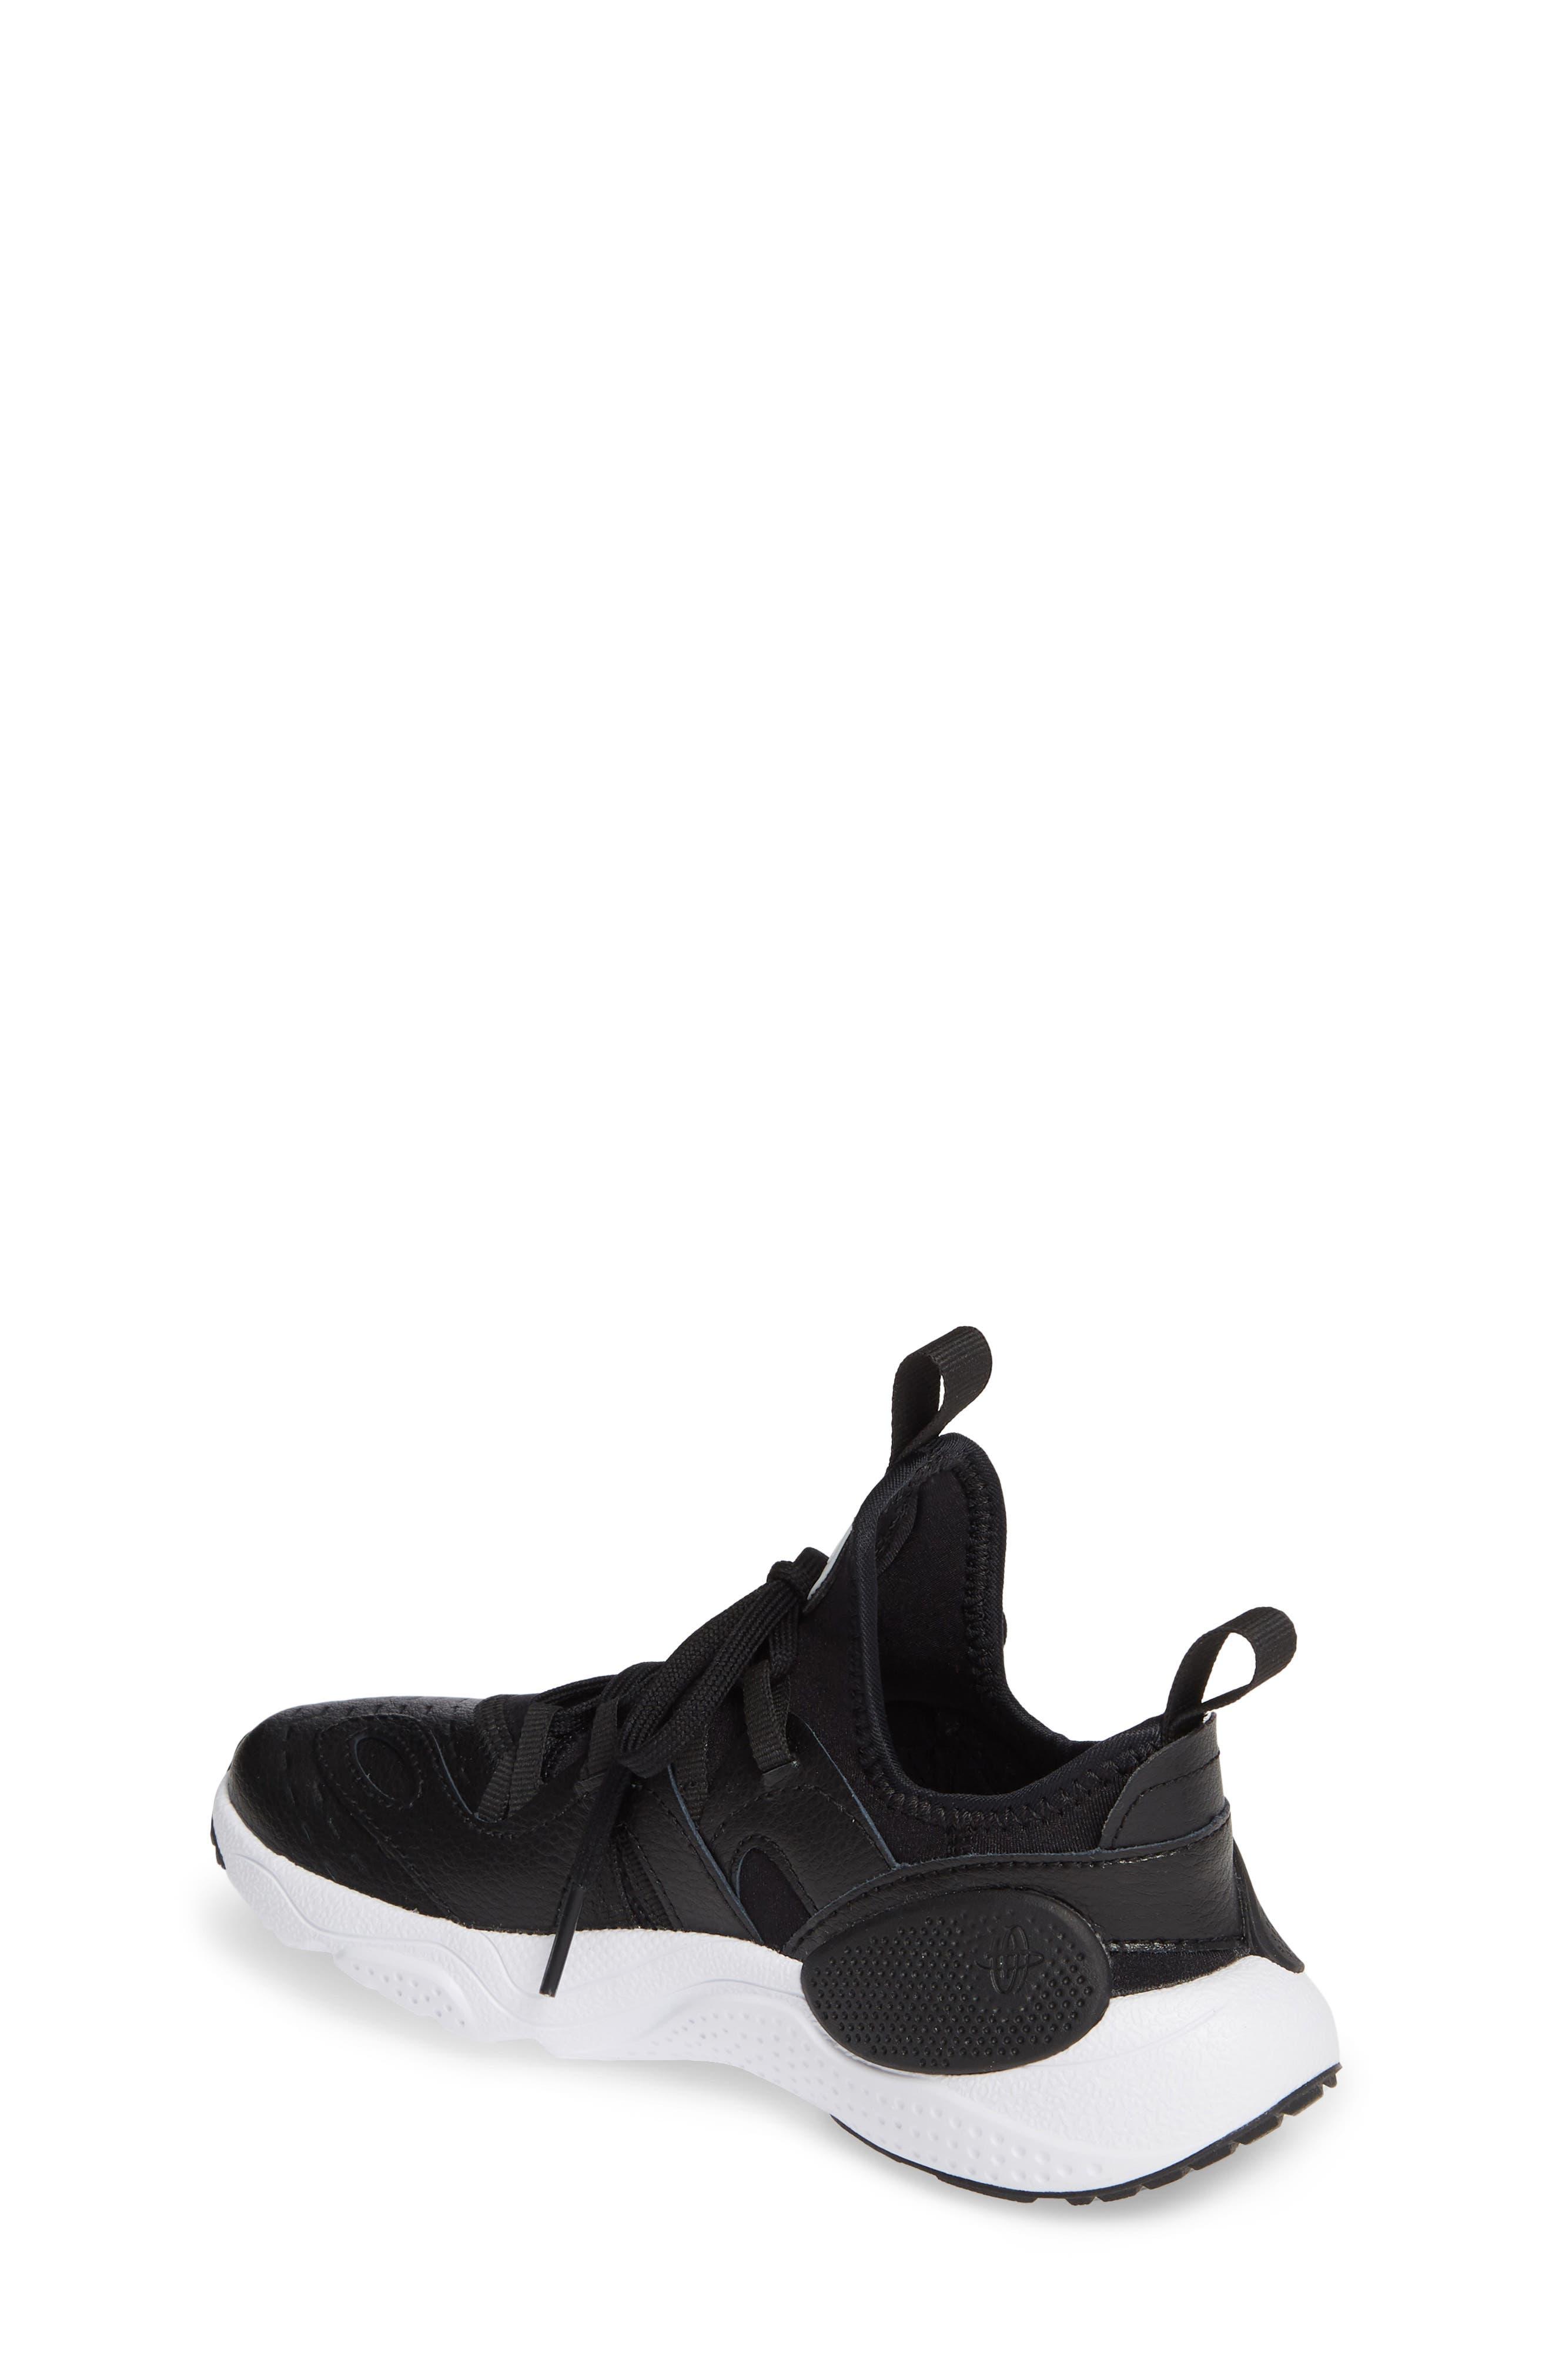 NIKE, Huarache E.D.G.E. Sneaker, Alternate thumbnail 2, color, BLACK/ WHITE